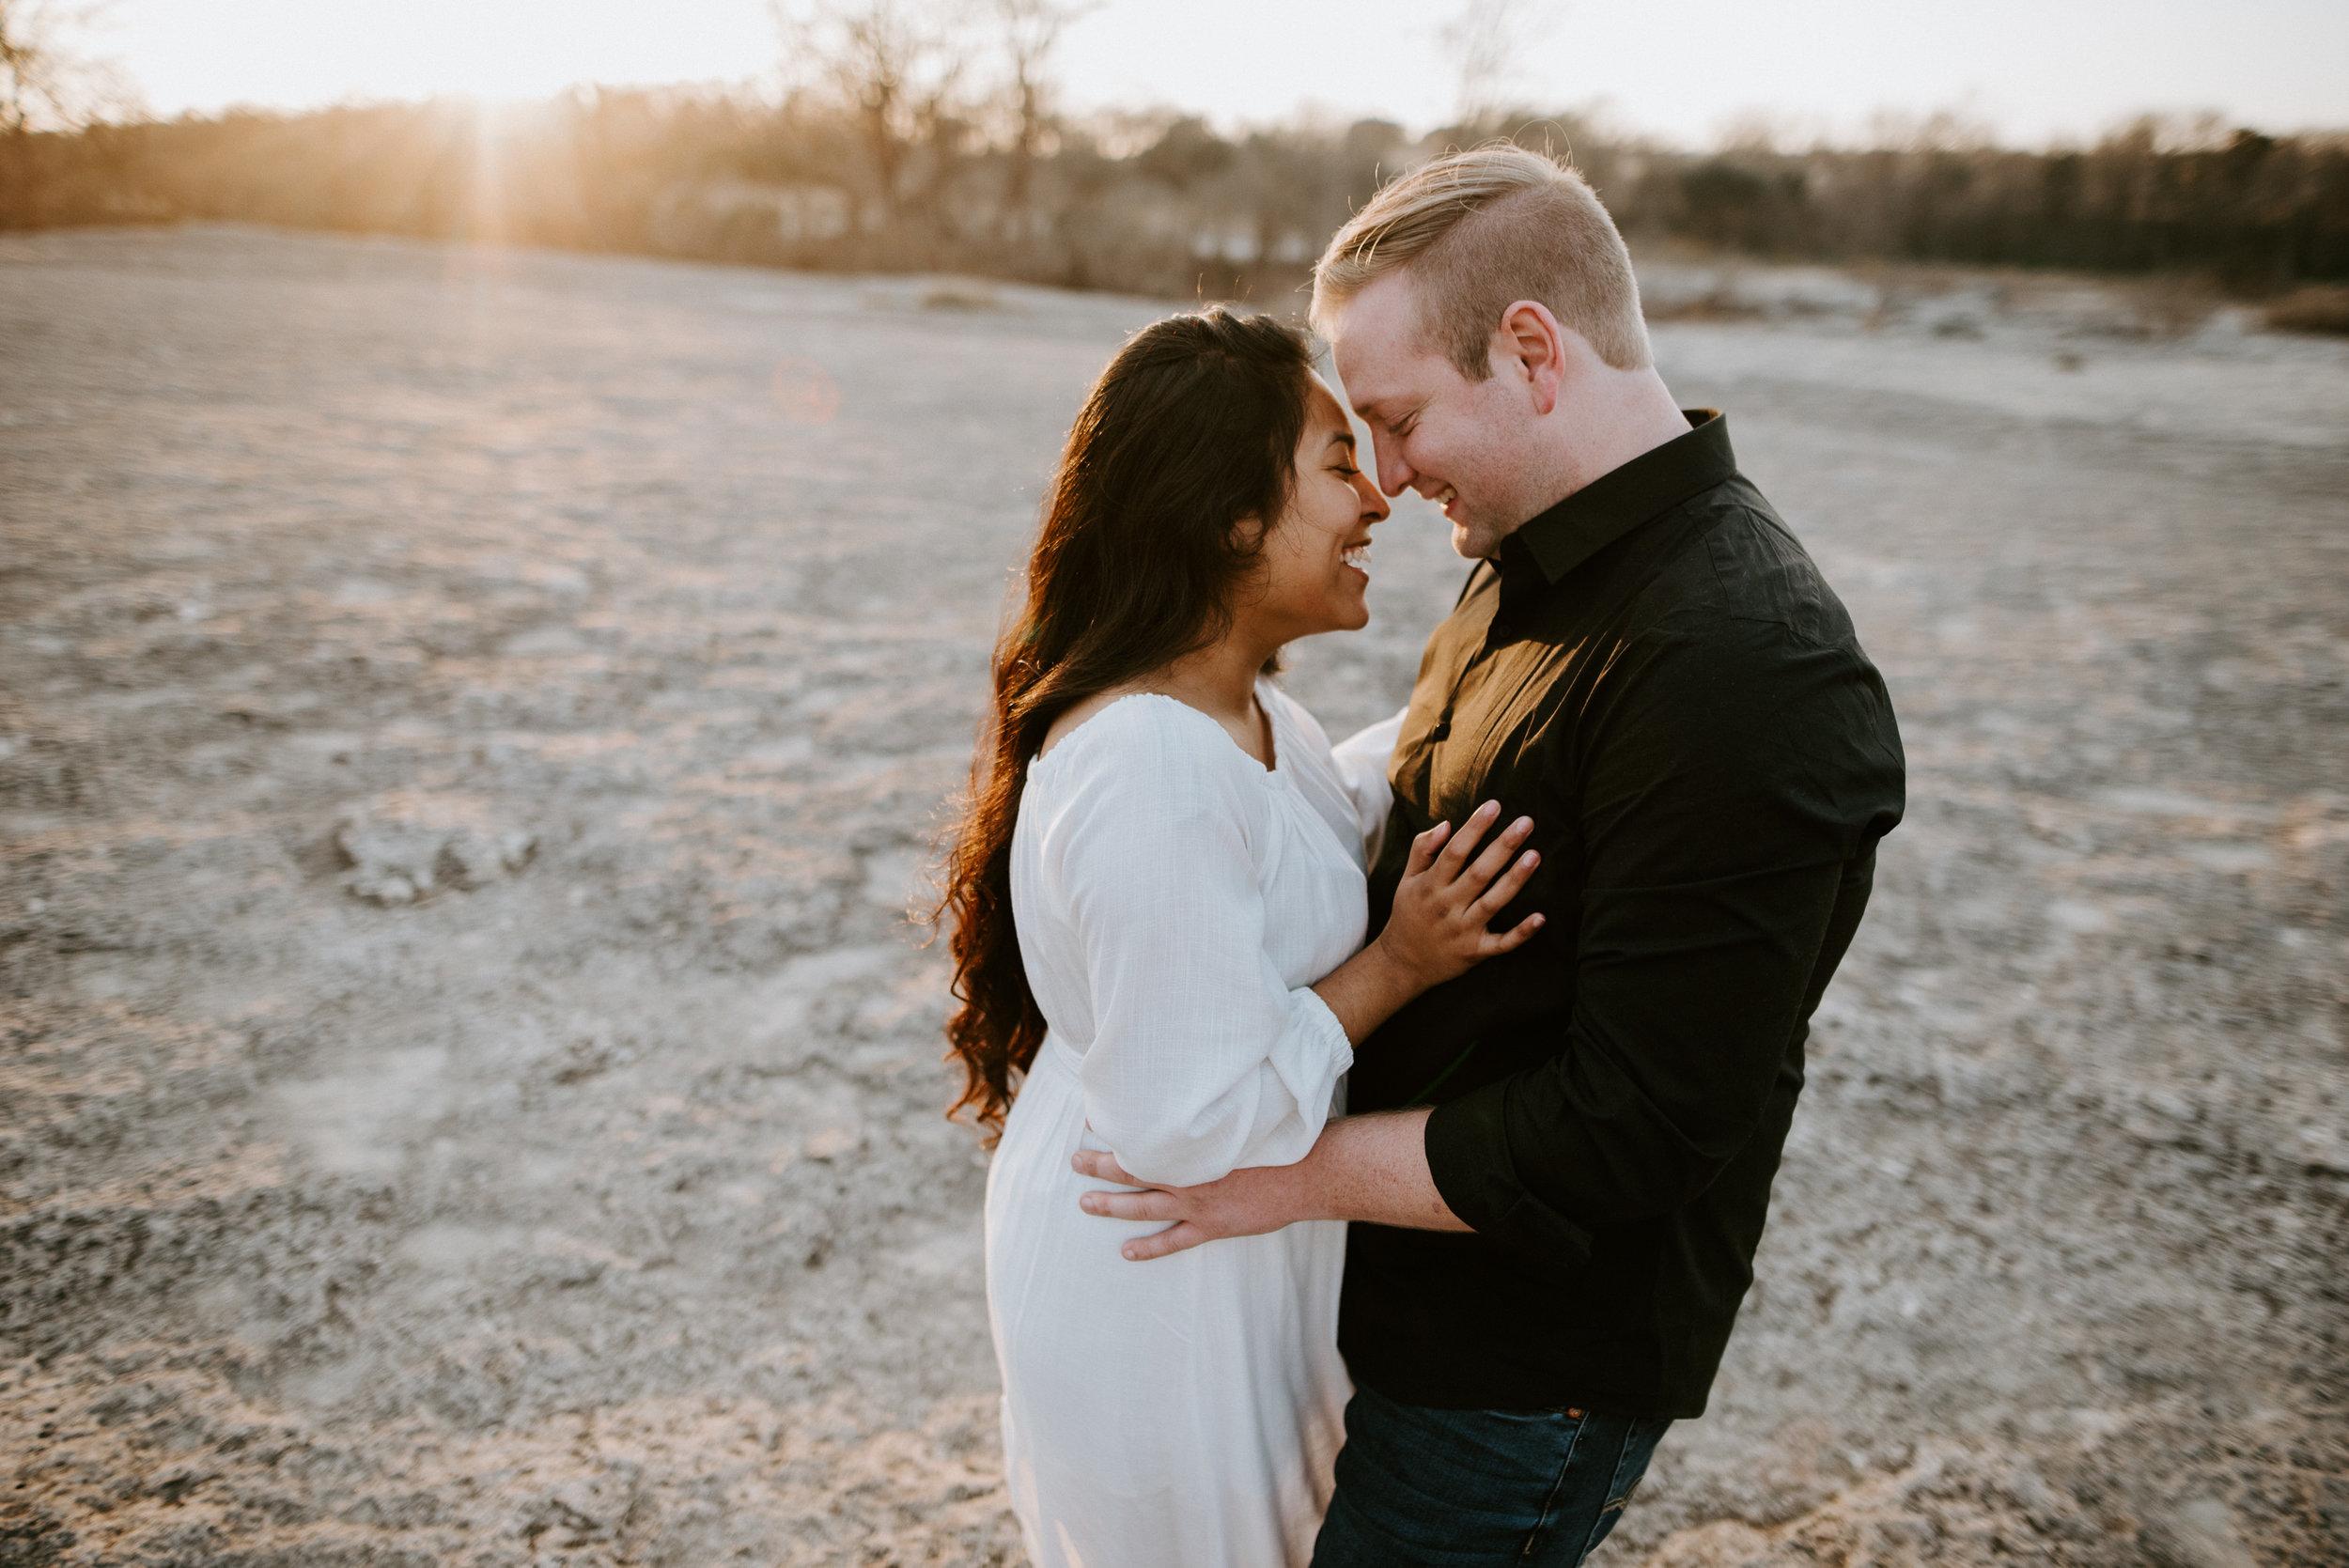 romantic engagement photos at austin park